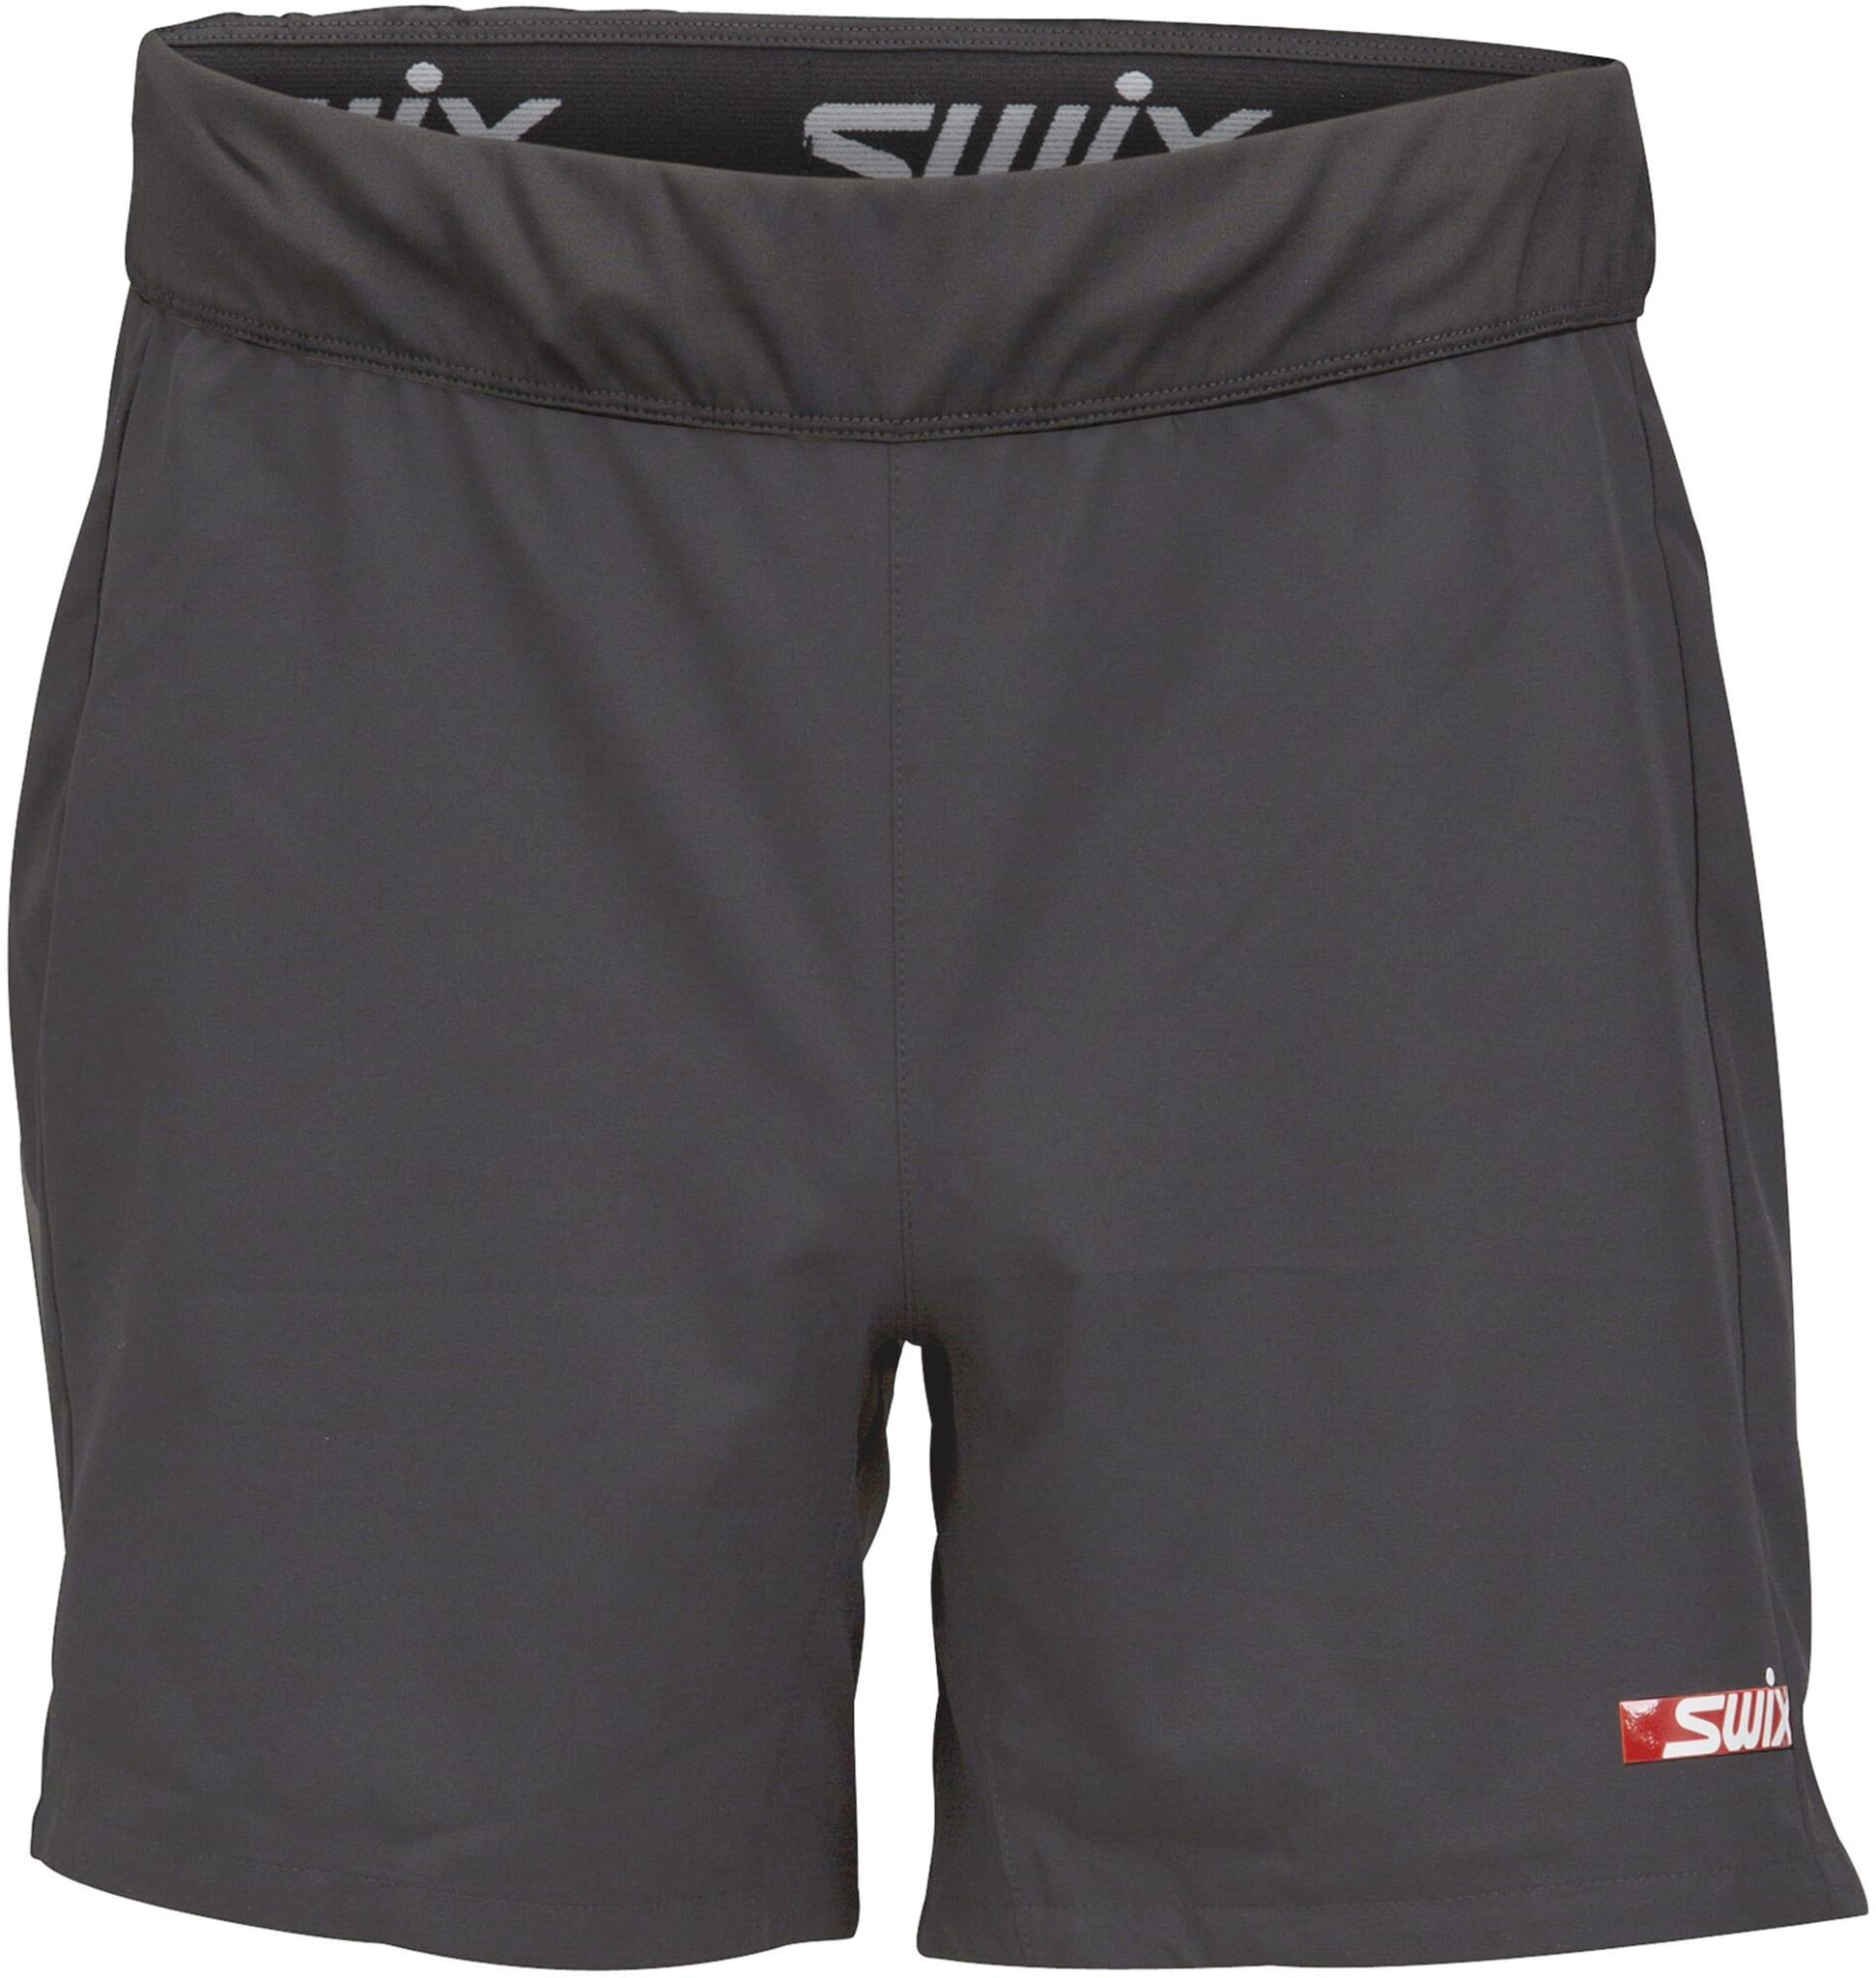 En rik og gjennomtengt lett løpshorts til bruk over dine tights eller treningstrunk favoritter.